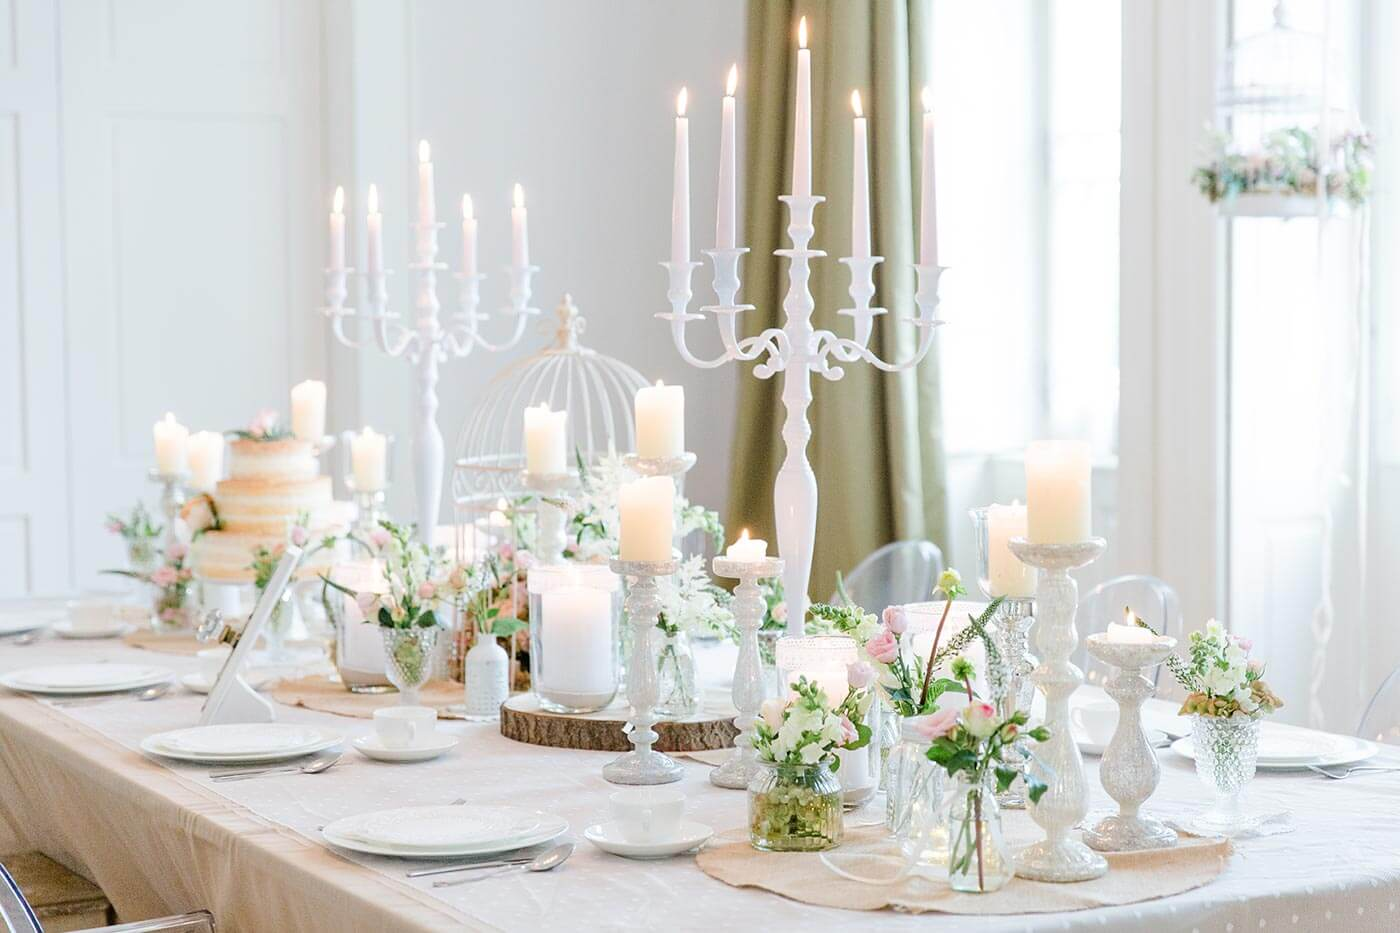 Deko Tisch fr die Hochzeit I Ideen in der Bildergalerie